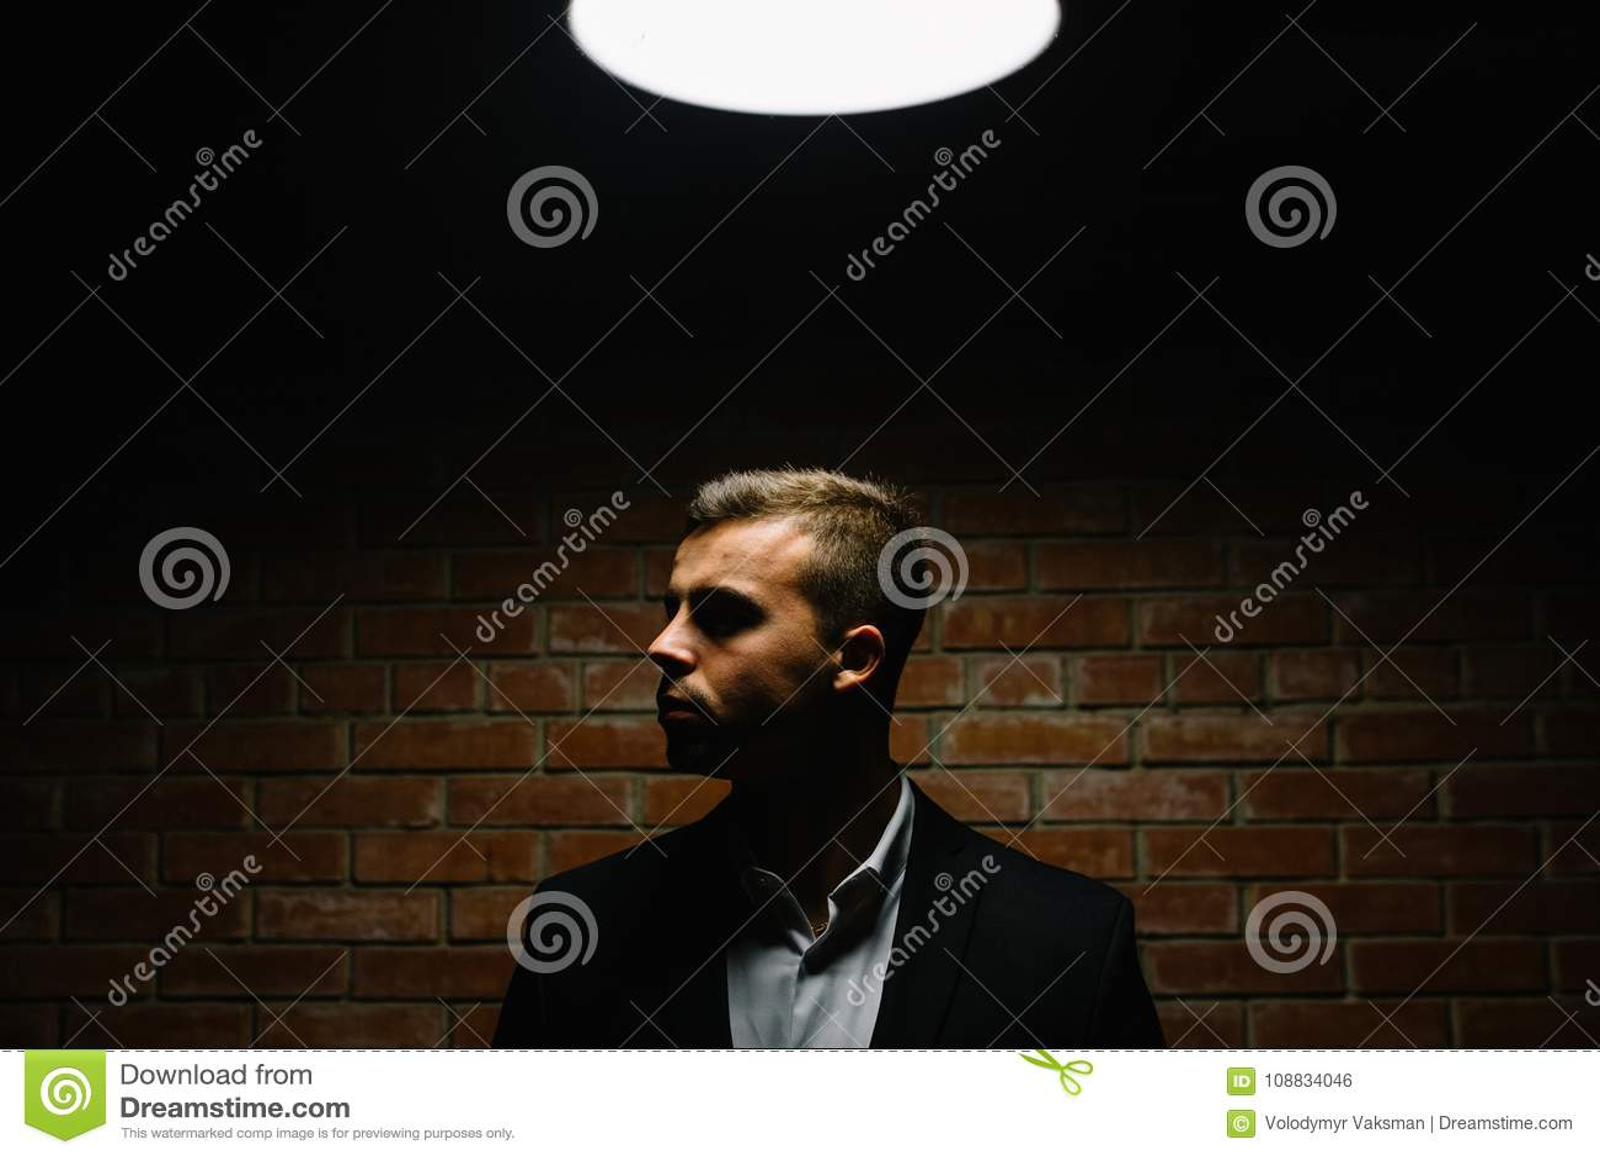 Μοντέρνος νεαρός άνδρας στο κοστούμι και το δεσμό λευκή γυναίκα ύφους επιχειρησιακών πεννών Μοντέρνο ι